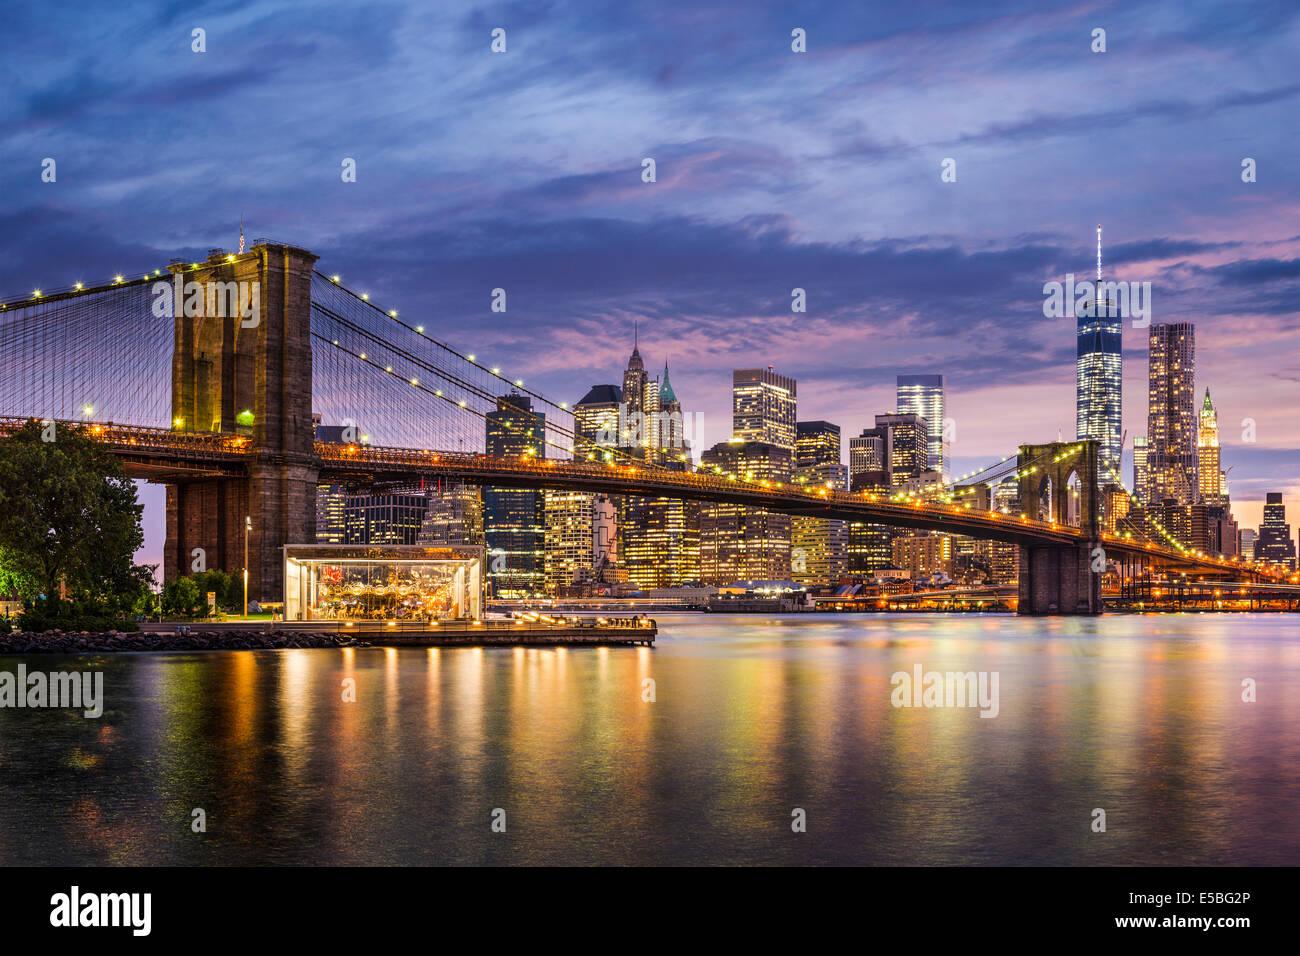 La ville de New York, USA au crépuscule. Photo Stock